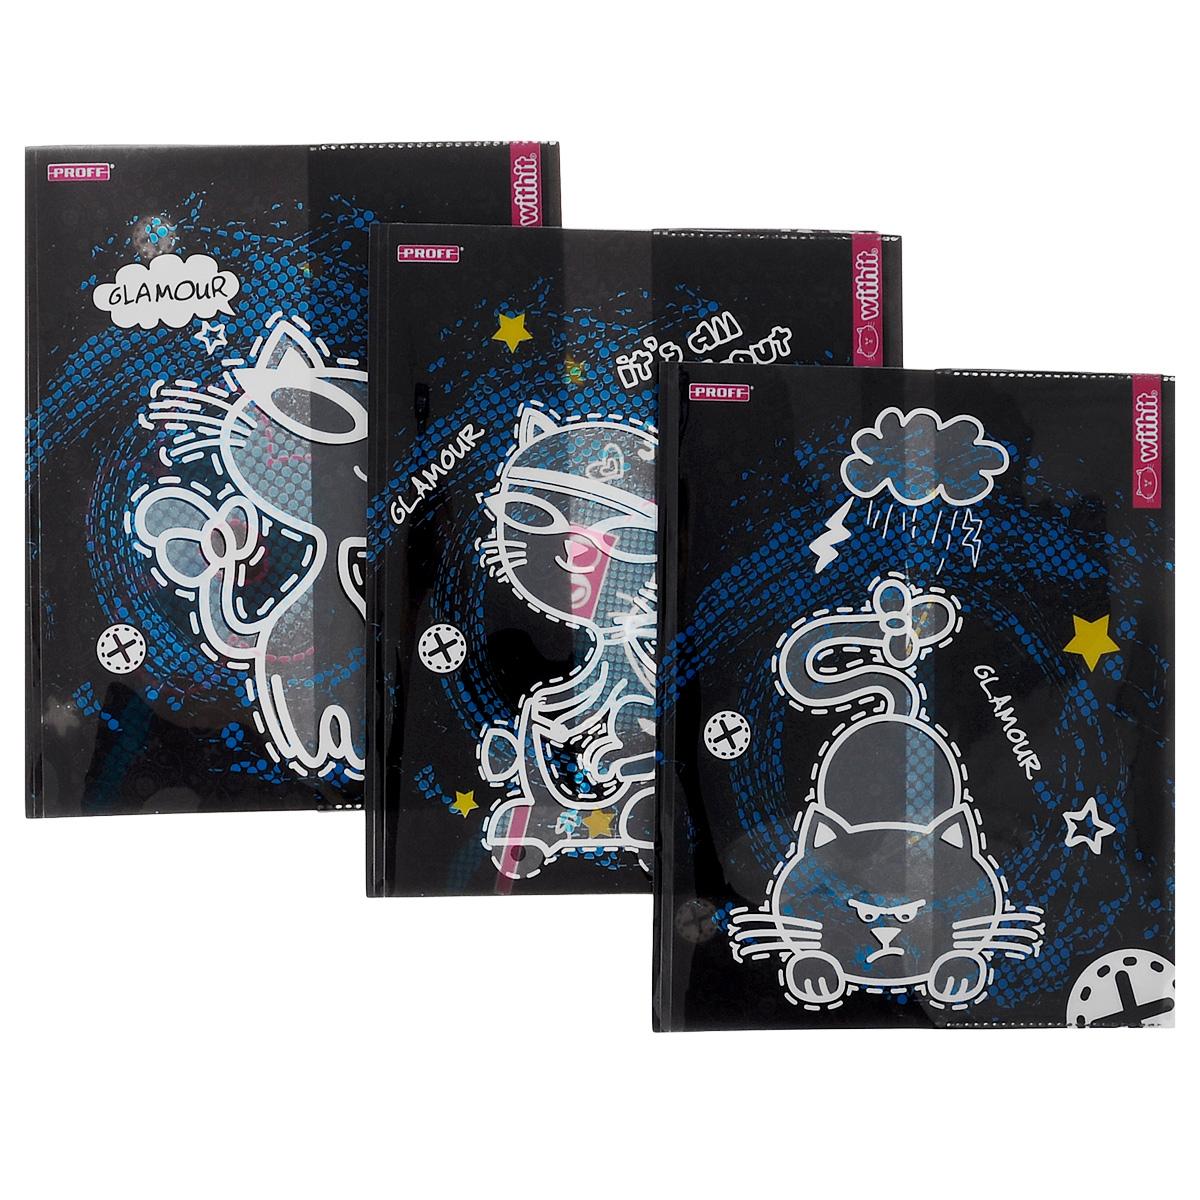 Набор обложек для тетрадей и дневников Proff With it Glamour, 35,5 см х 21,6 см, 3 шт набор обложек для учеников старших классов proff 15 шт